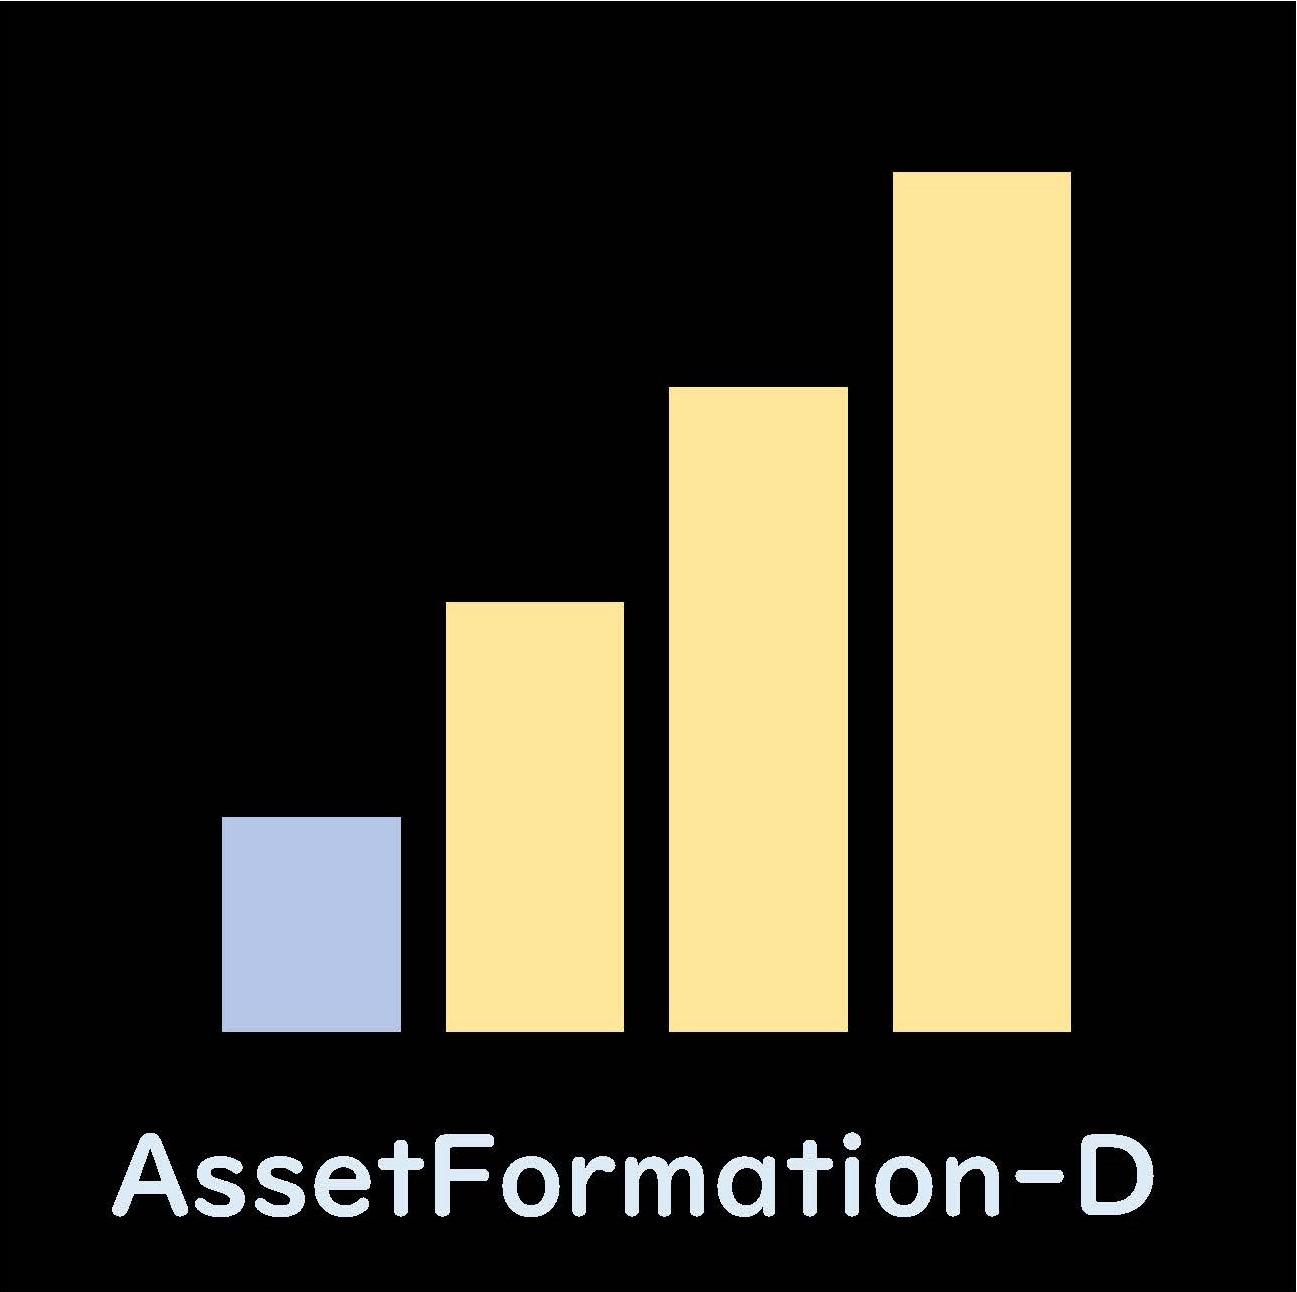 資産形成のための長期・複利運用型EA